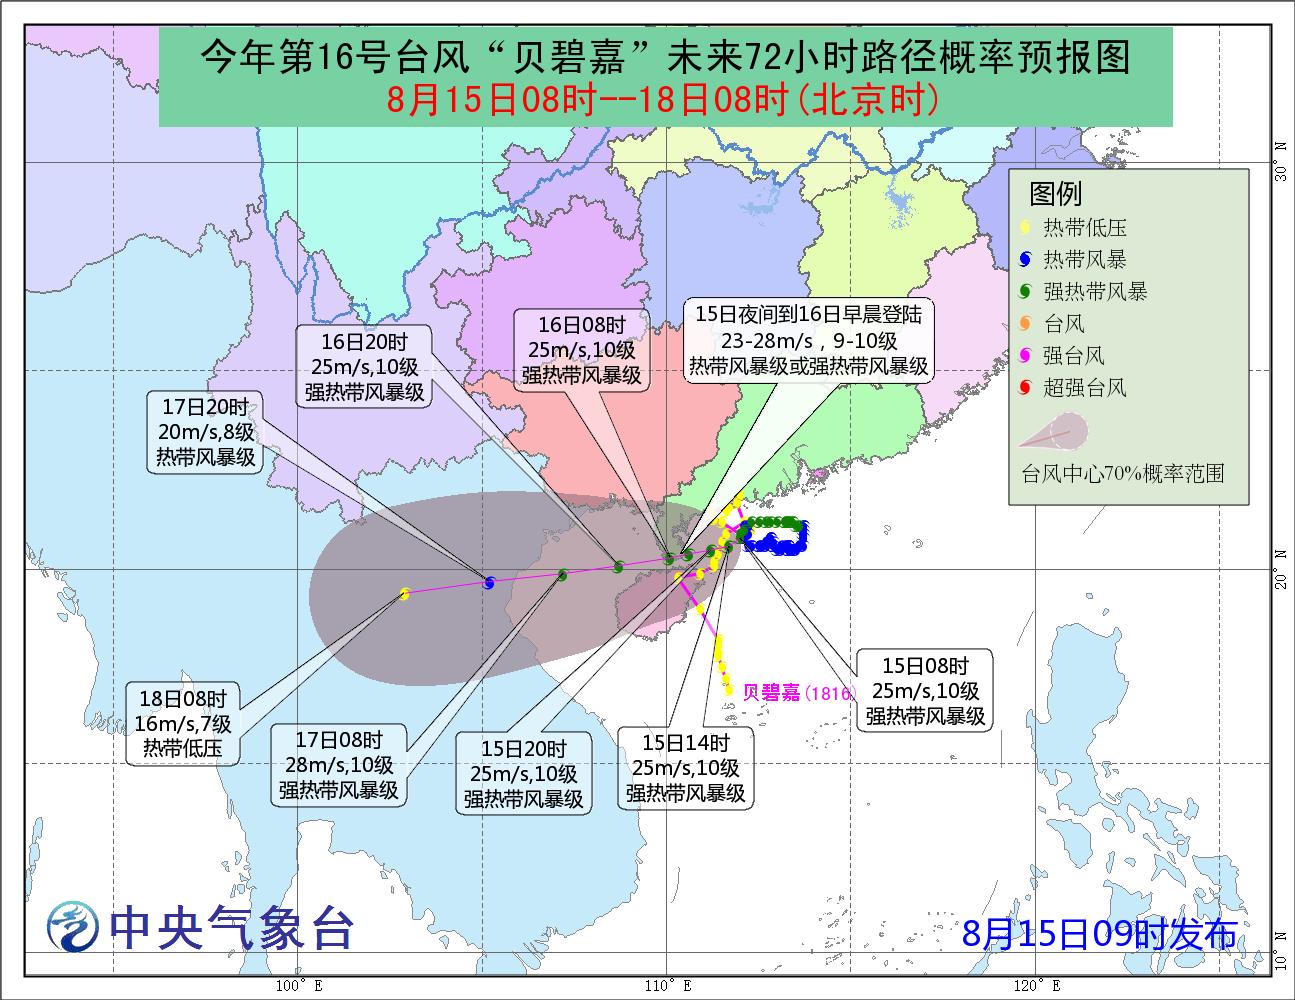 贝碧嘉 将于粤琼沿海登陆 东海热带低压生成